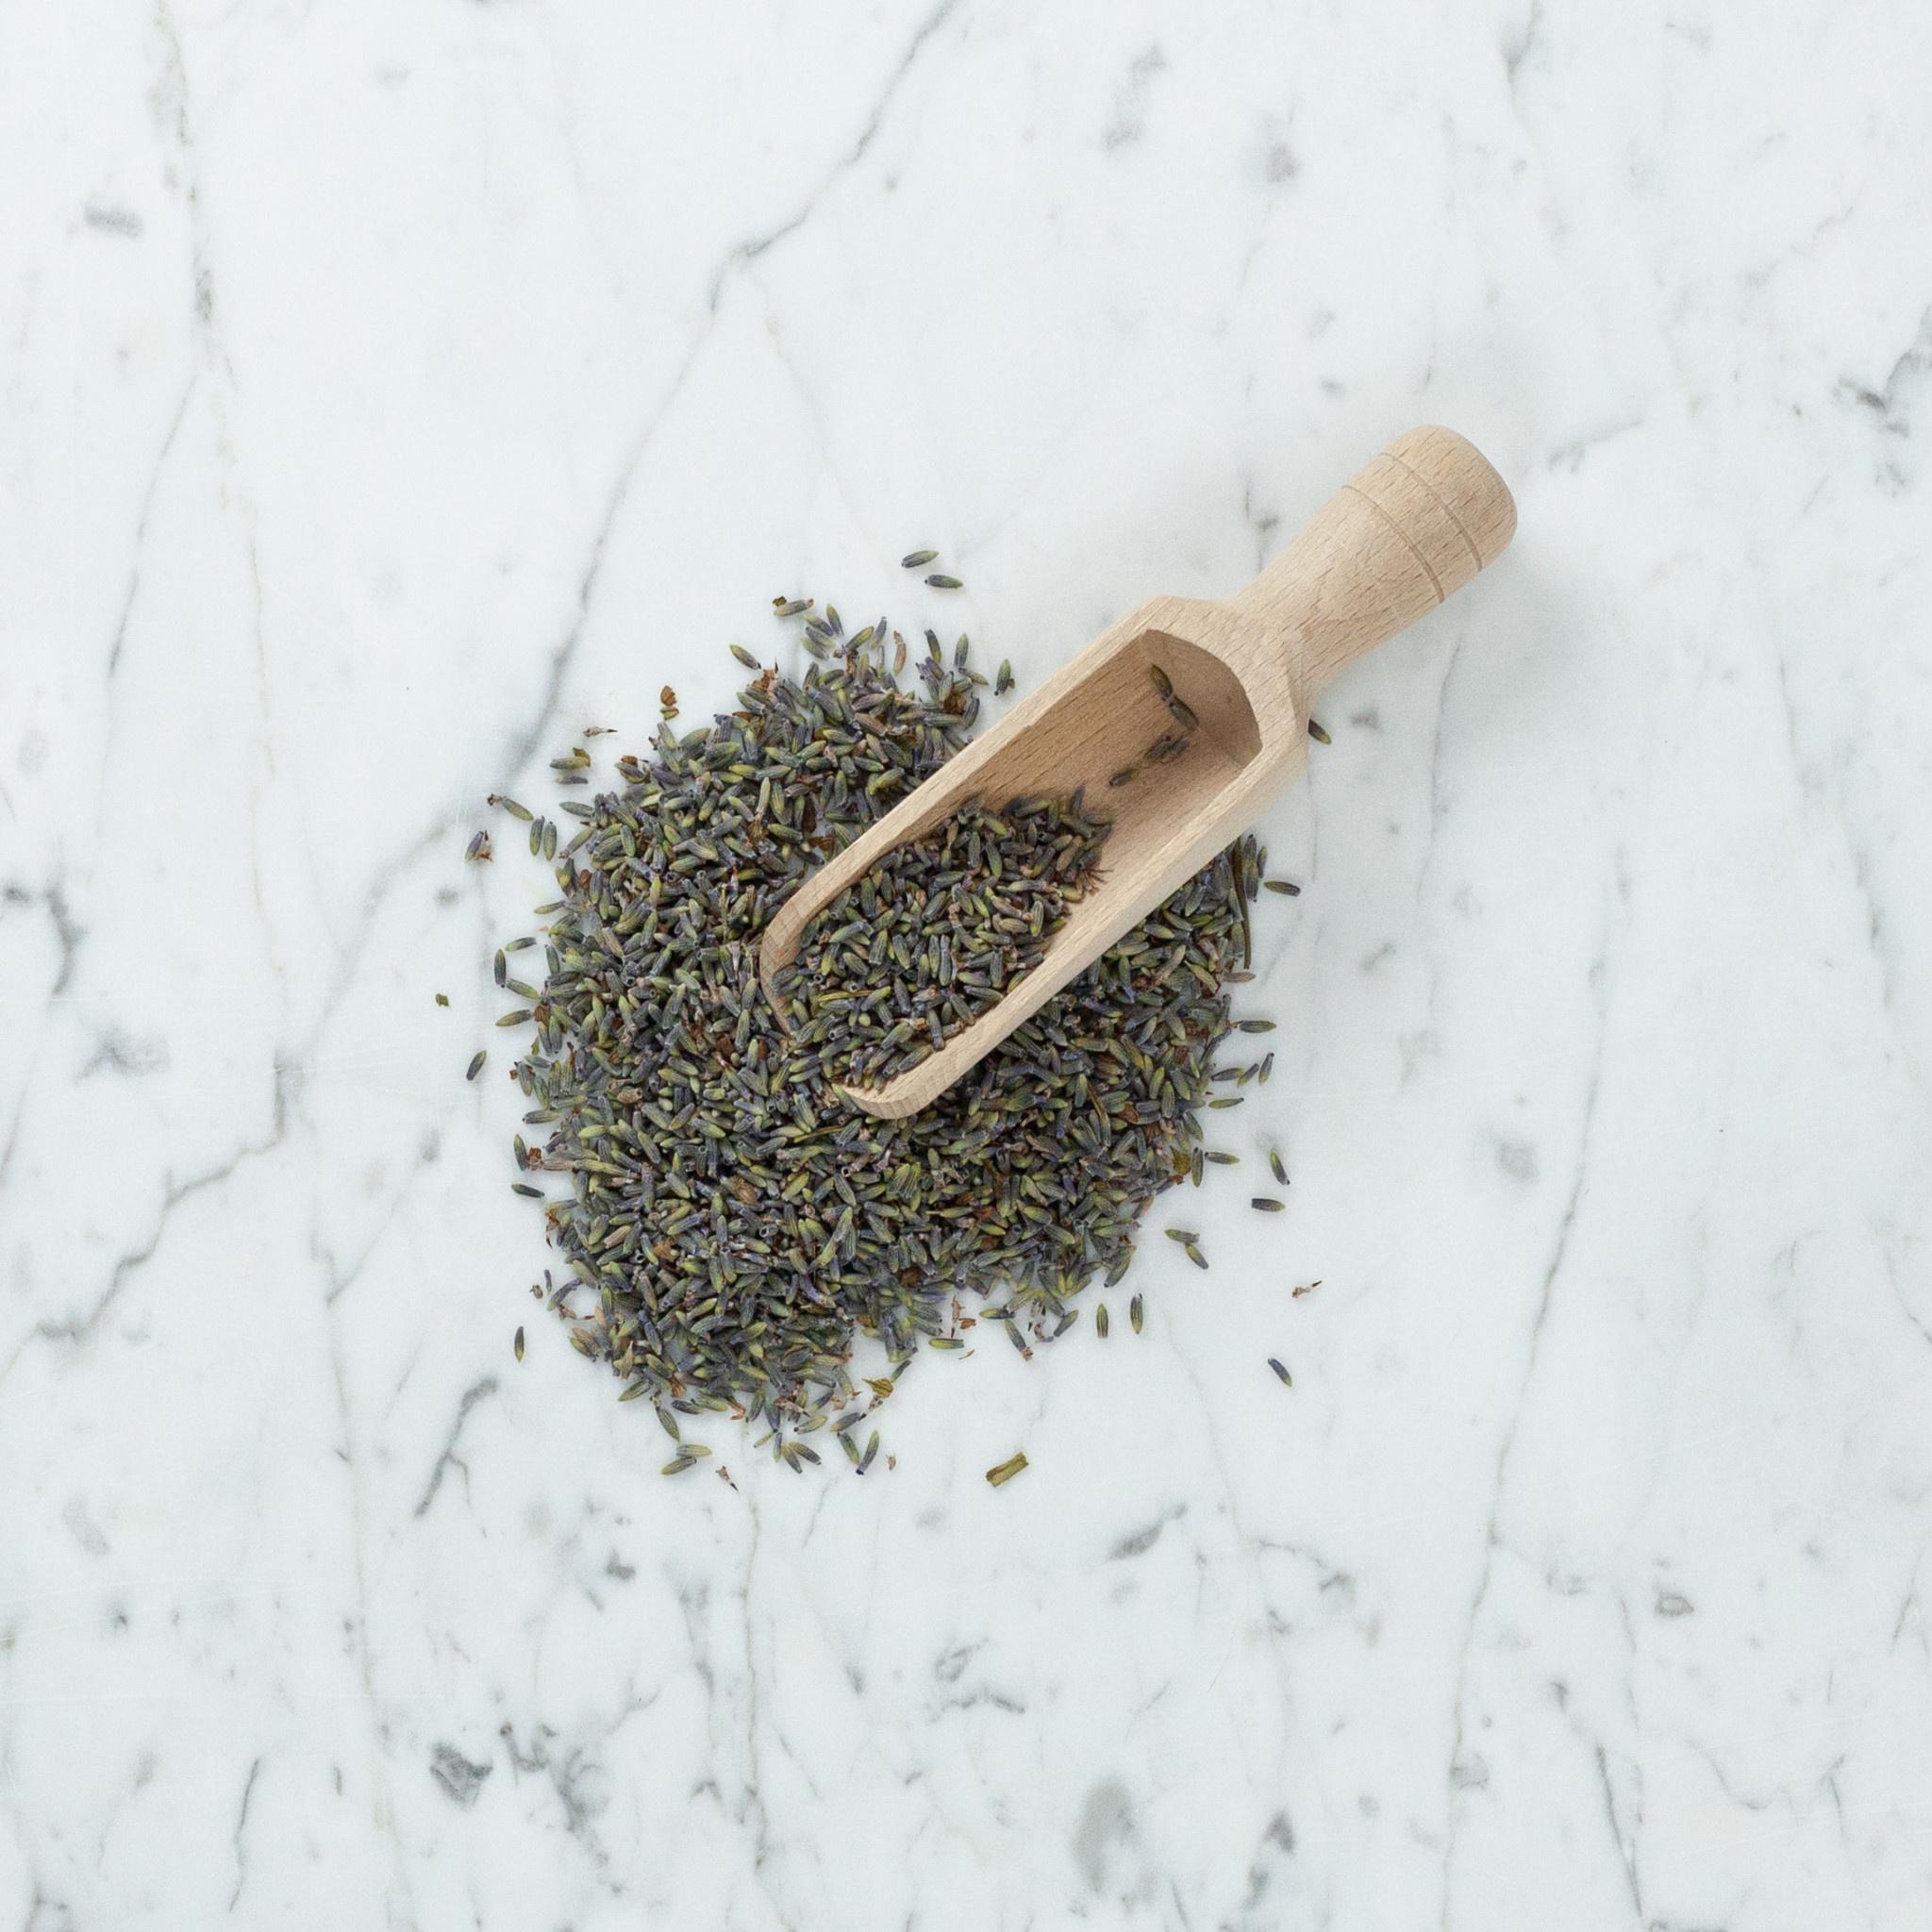 Bulk Lavender Buds - Sold Per Scoop - 3.5 oz